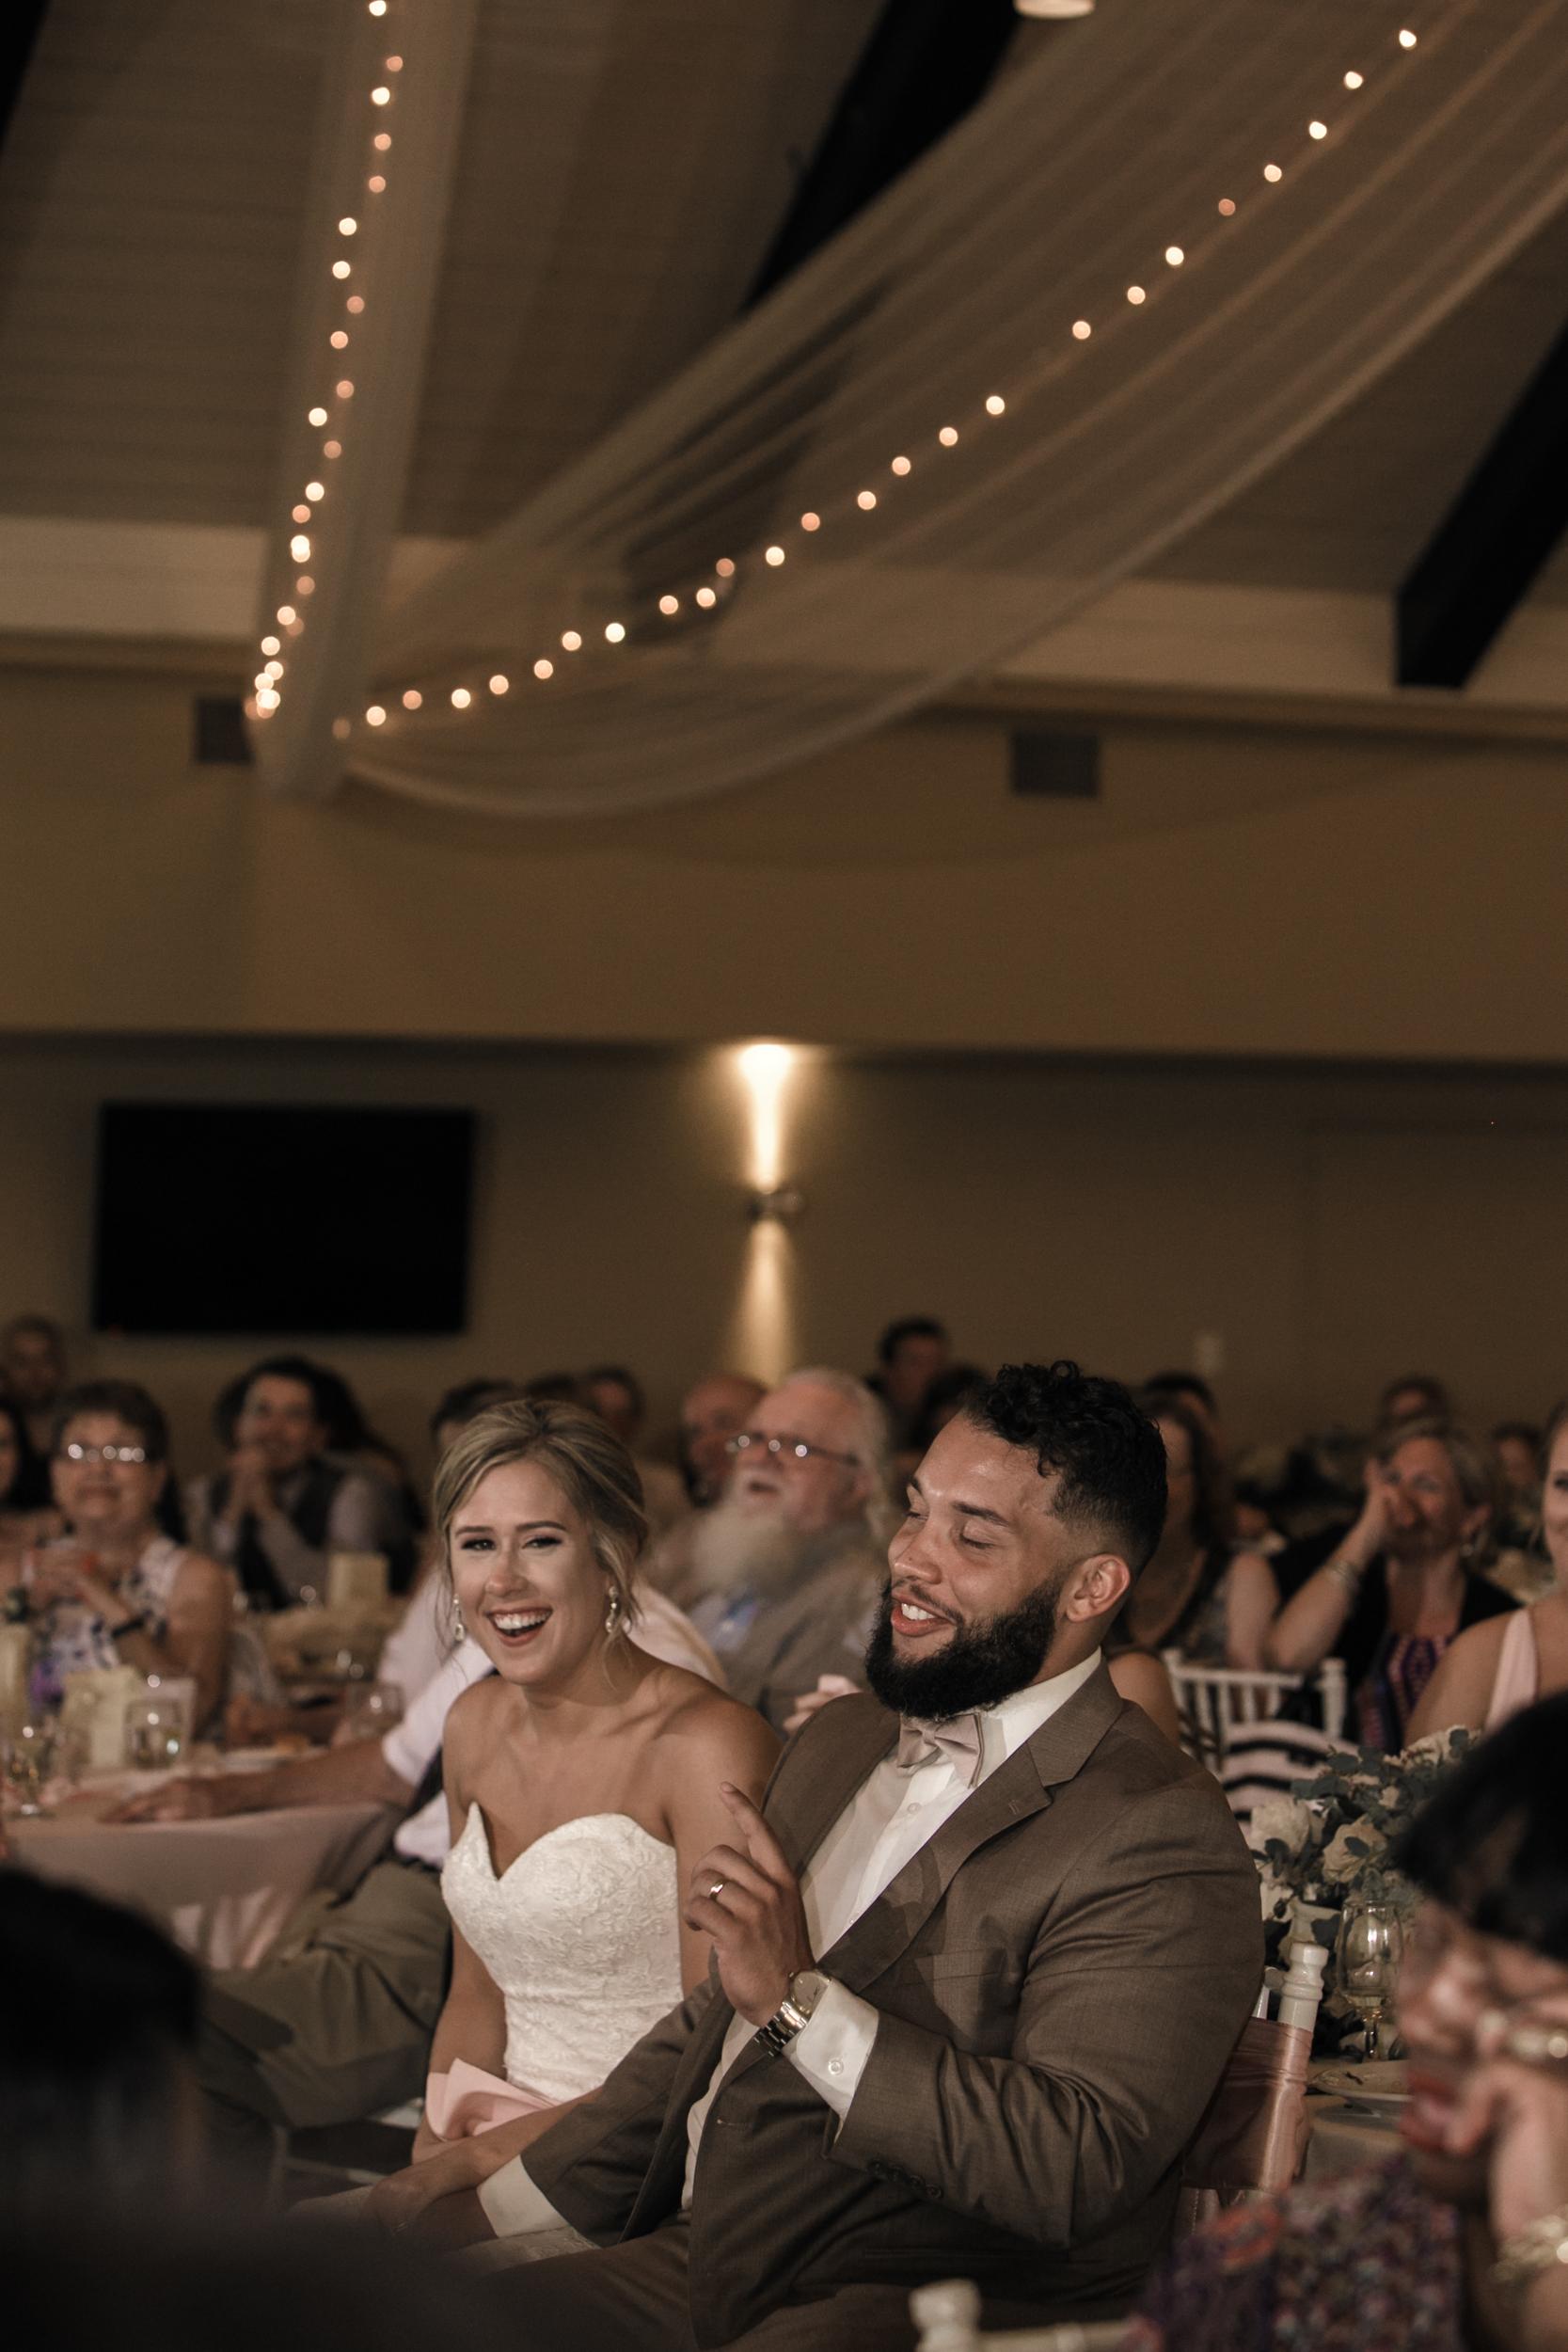 dellwood country club wedding*, Dellwood Country Club*, golf course wedding*, green golf course*, rose pink wedding details*-www.rachelsmak.com75.jpg